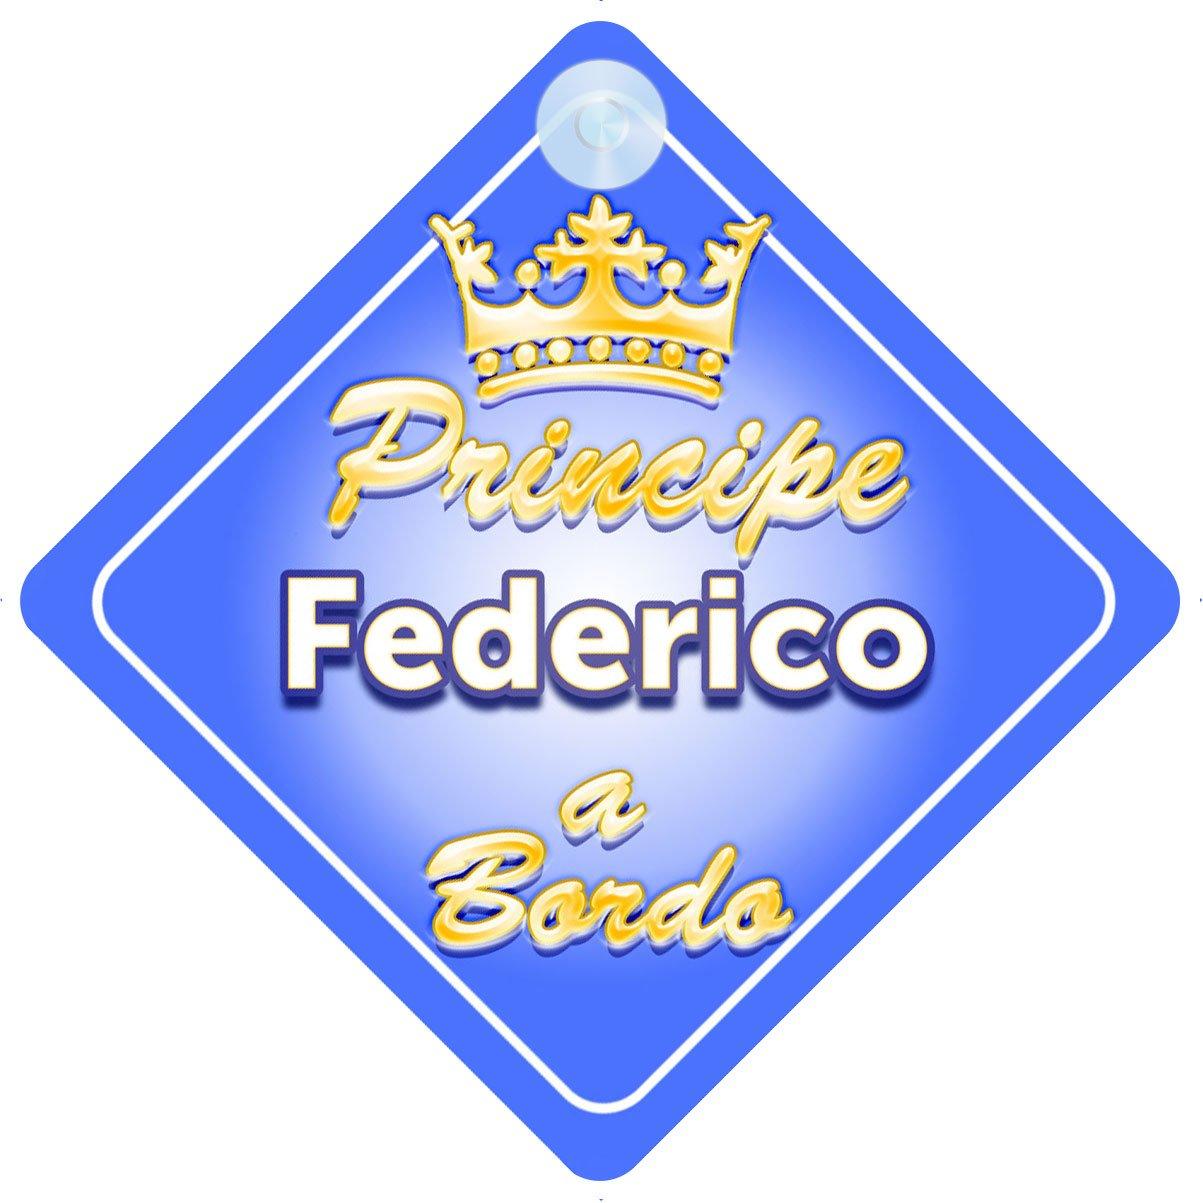 Corona (Crown) Principe Federico / adesivo bimbo / bambino / neonato a bordo per maschi principe / principino adesivo macchina Quality Goods Ltd